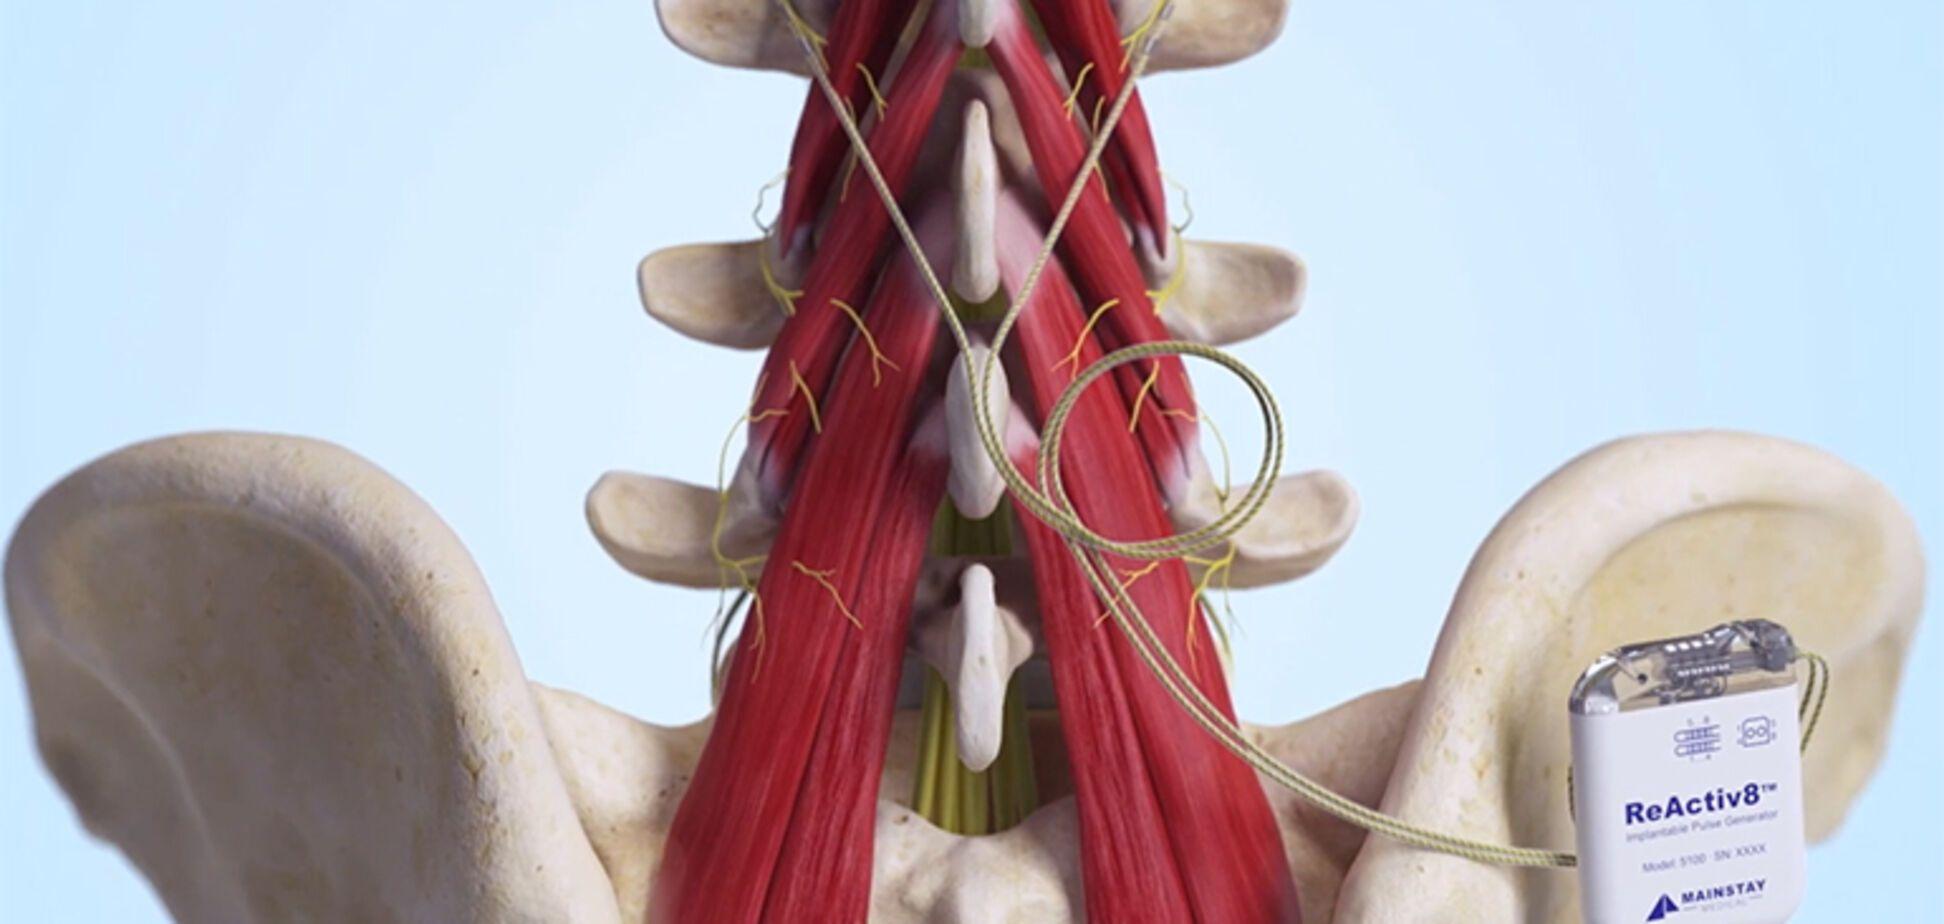 Имплантат при болях в пояснице: как работает устройство